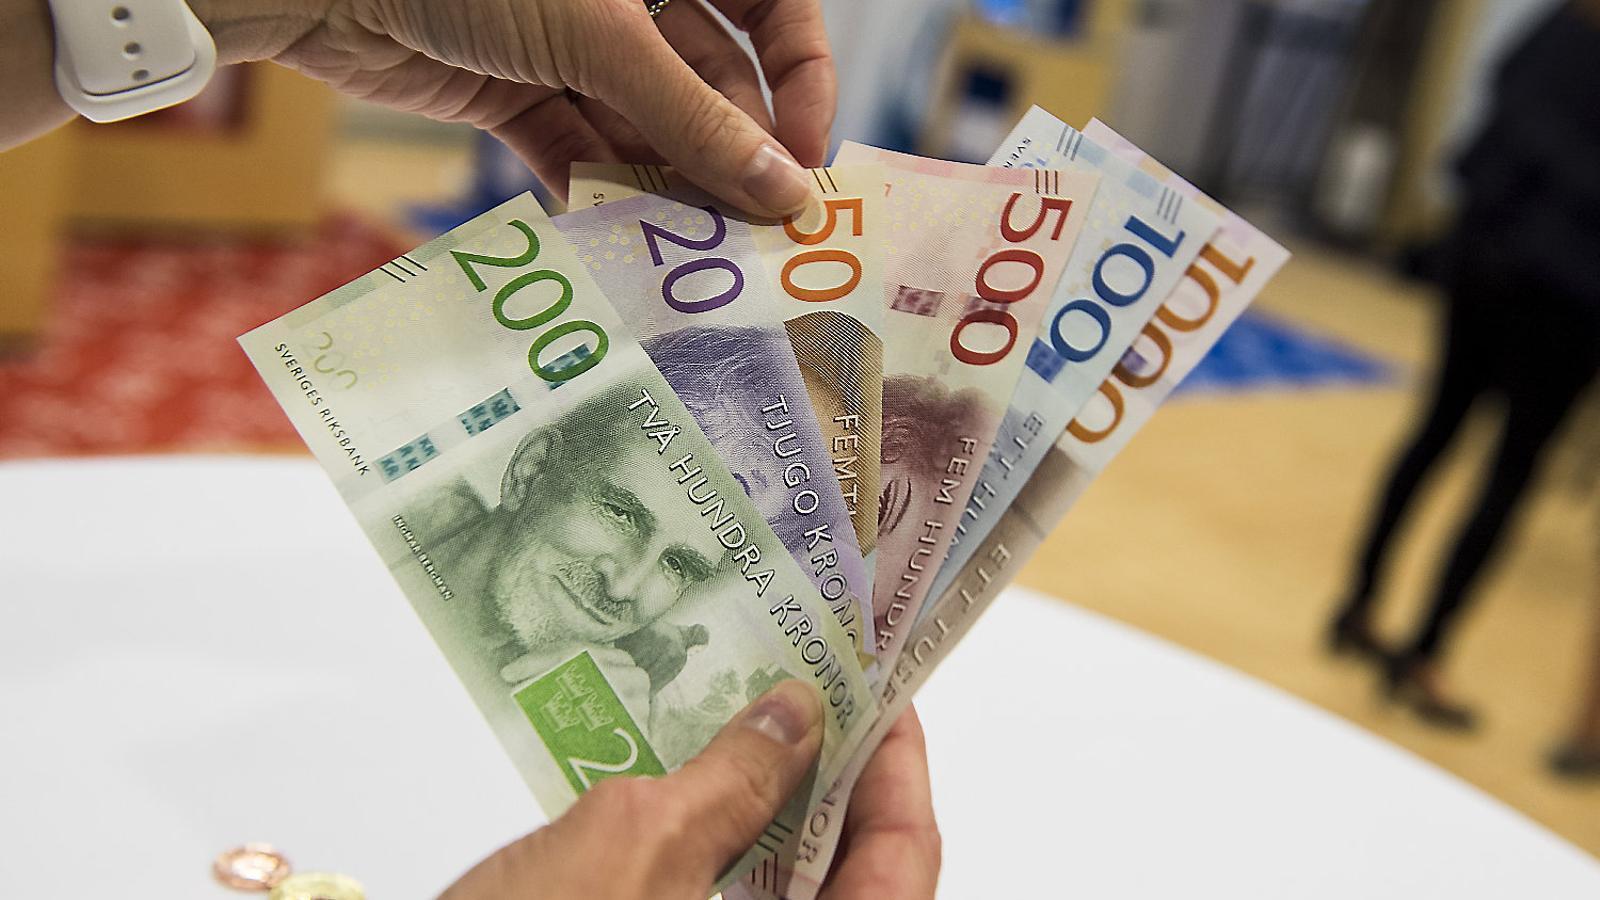 Pagar amb bitllets de corones cada cop és més difícil i hi ha comerços que només accepten les transaccions amb targeta o a través del mòbil.